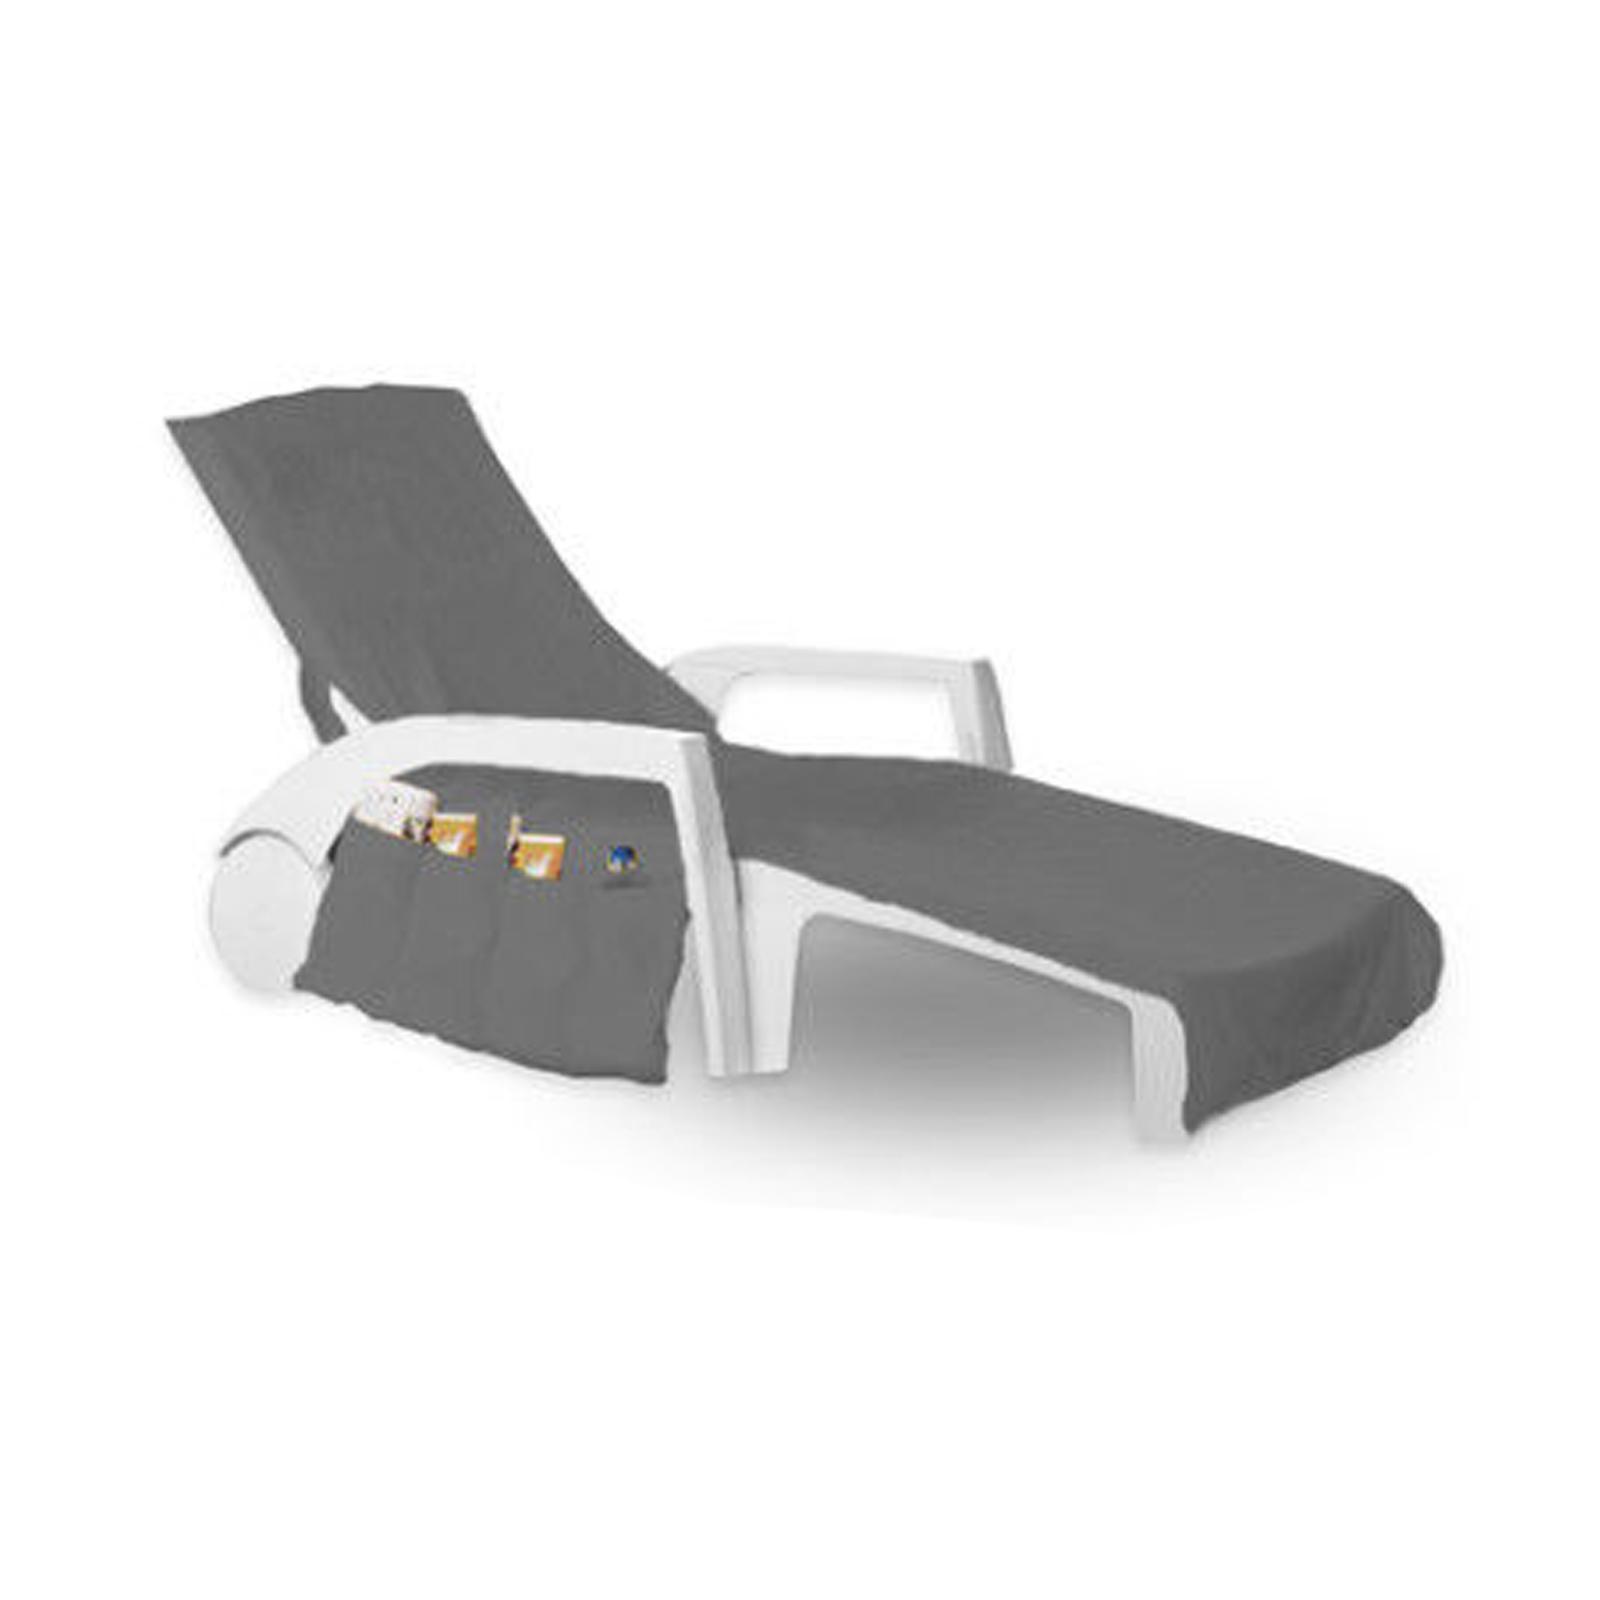 frottee schonbezug f r gartenliege bezug strandliege liegen baumwolle 70 x 200cm ebay. Black Bedroom Furniture Sets. Home Design Ideas